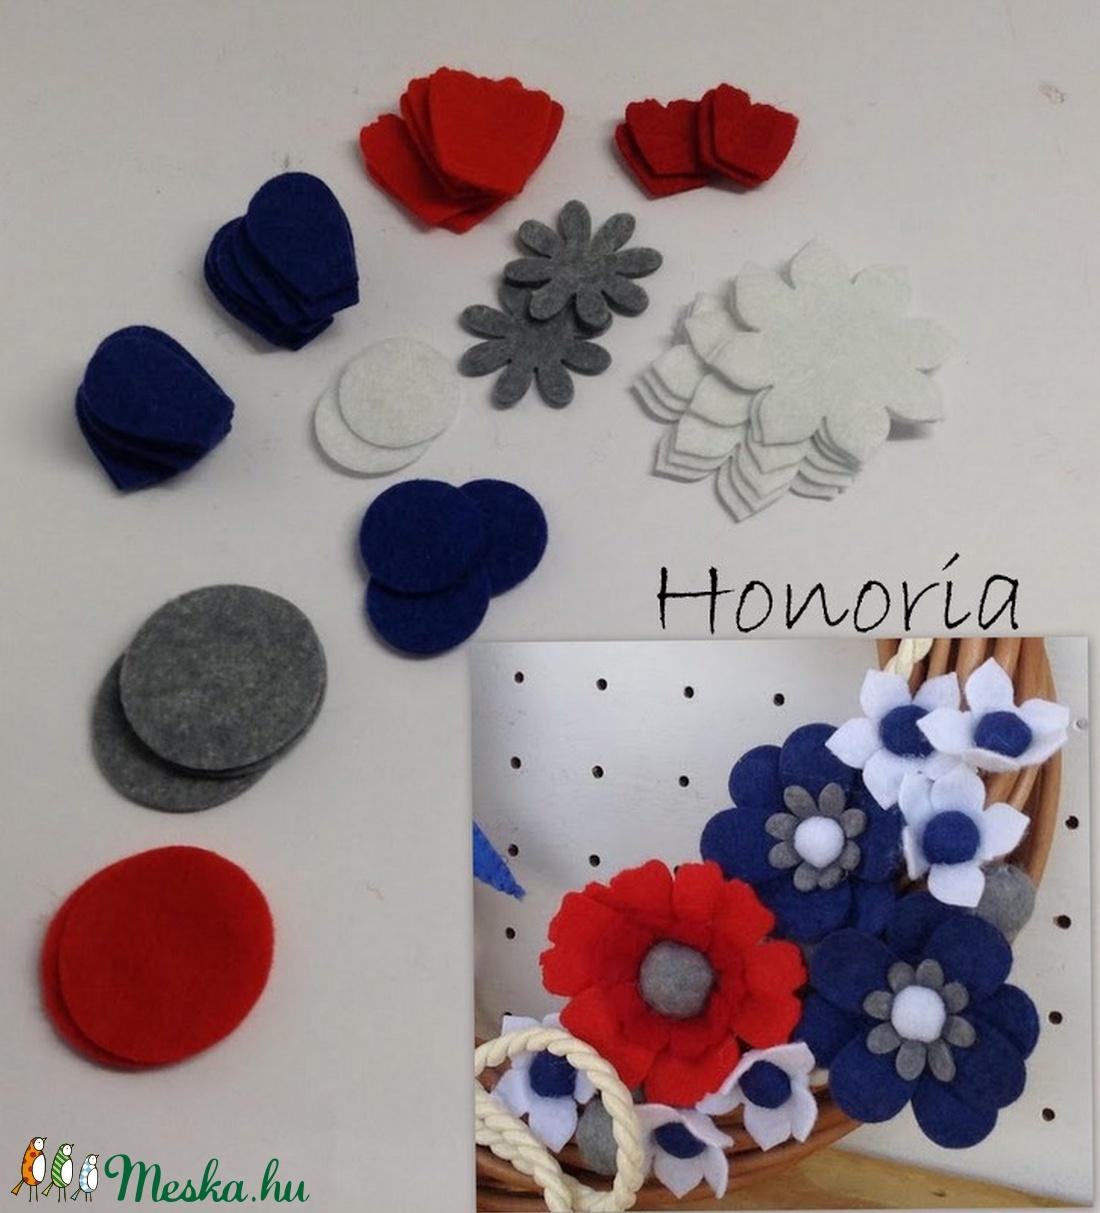 Tengerész ajtódíszhez virágok-csináld magad! (Honoria) - Meska.hu